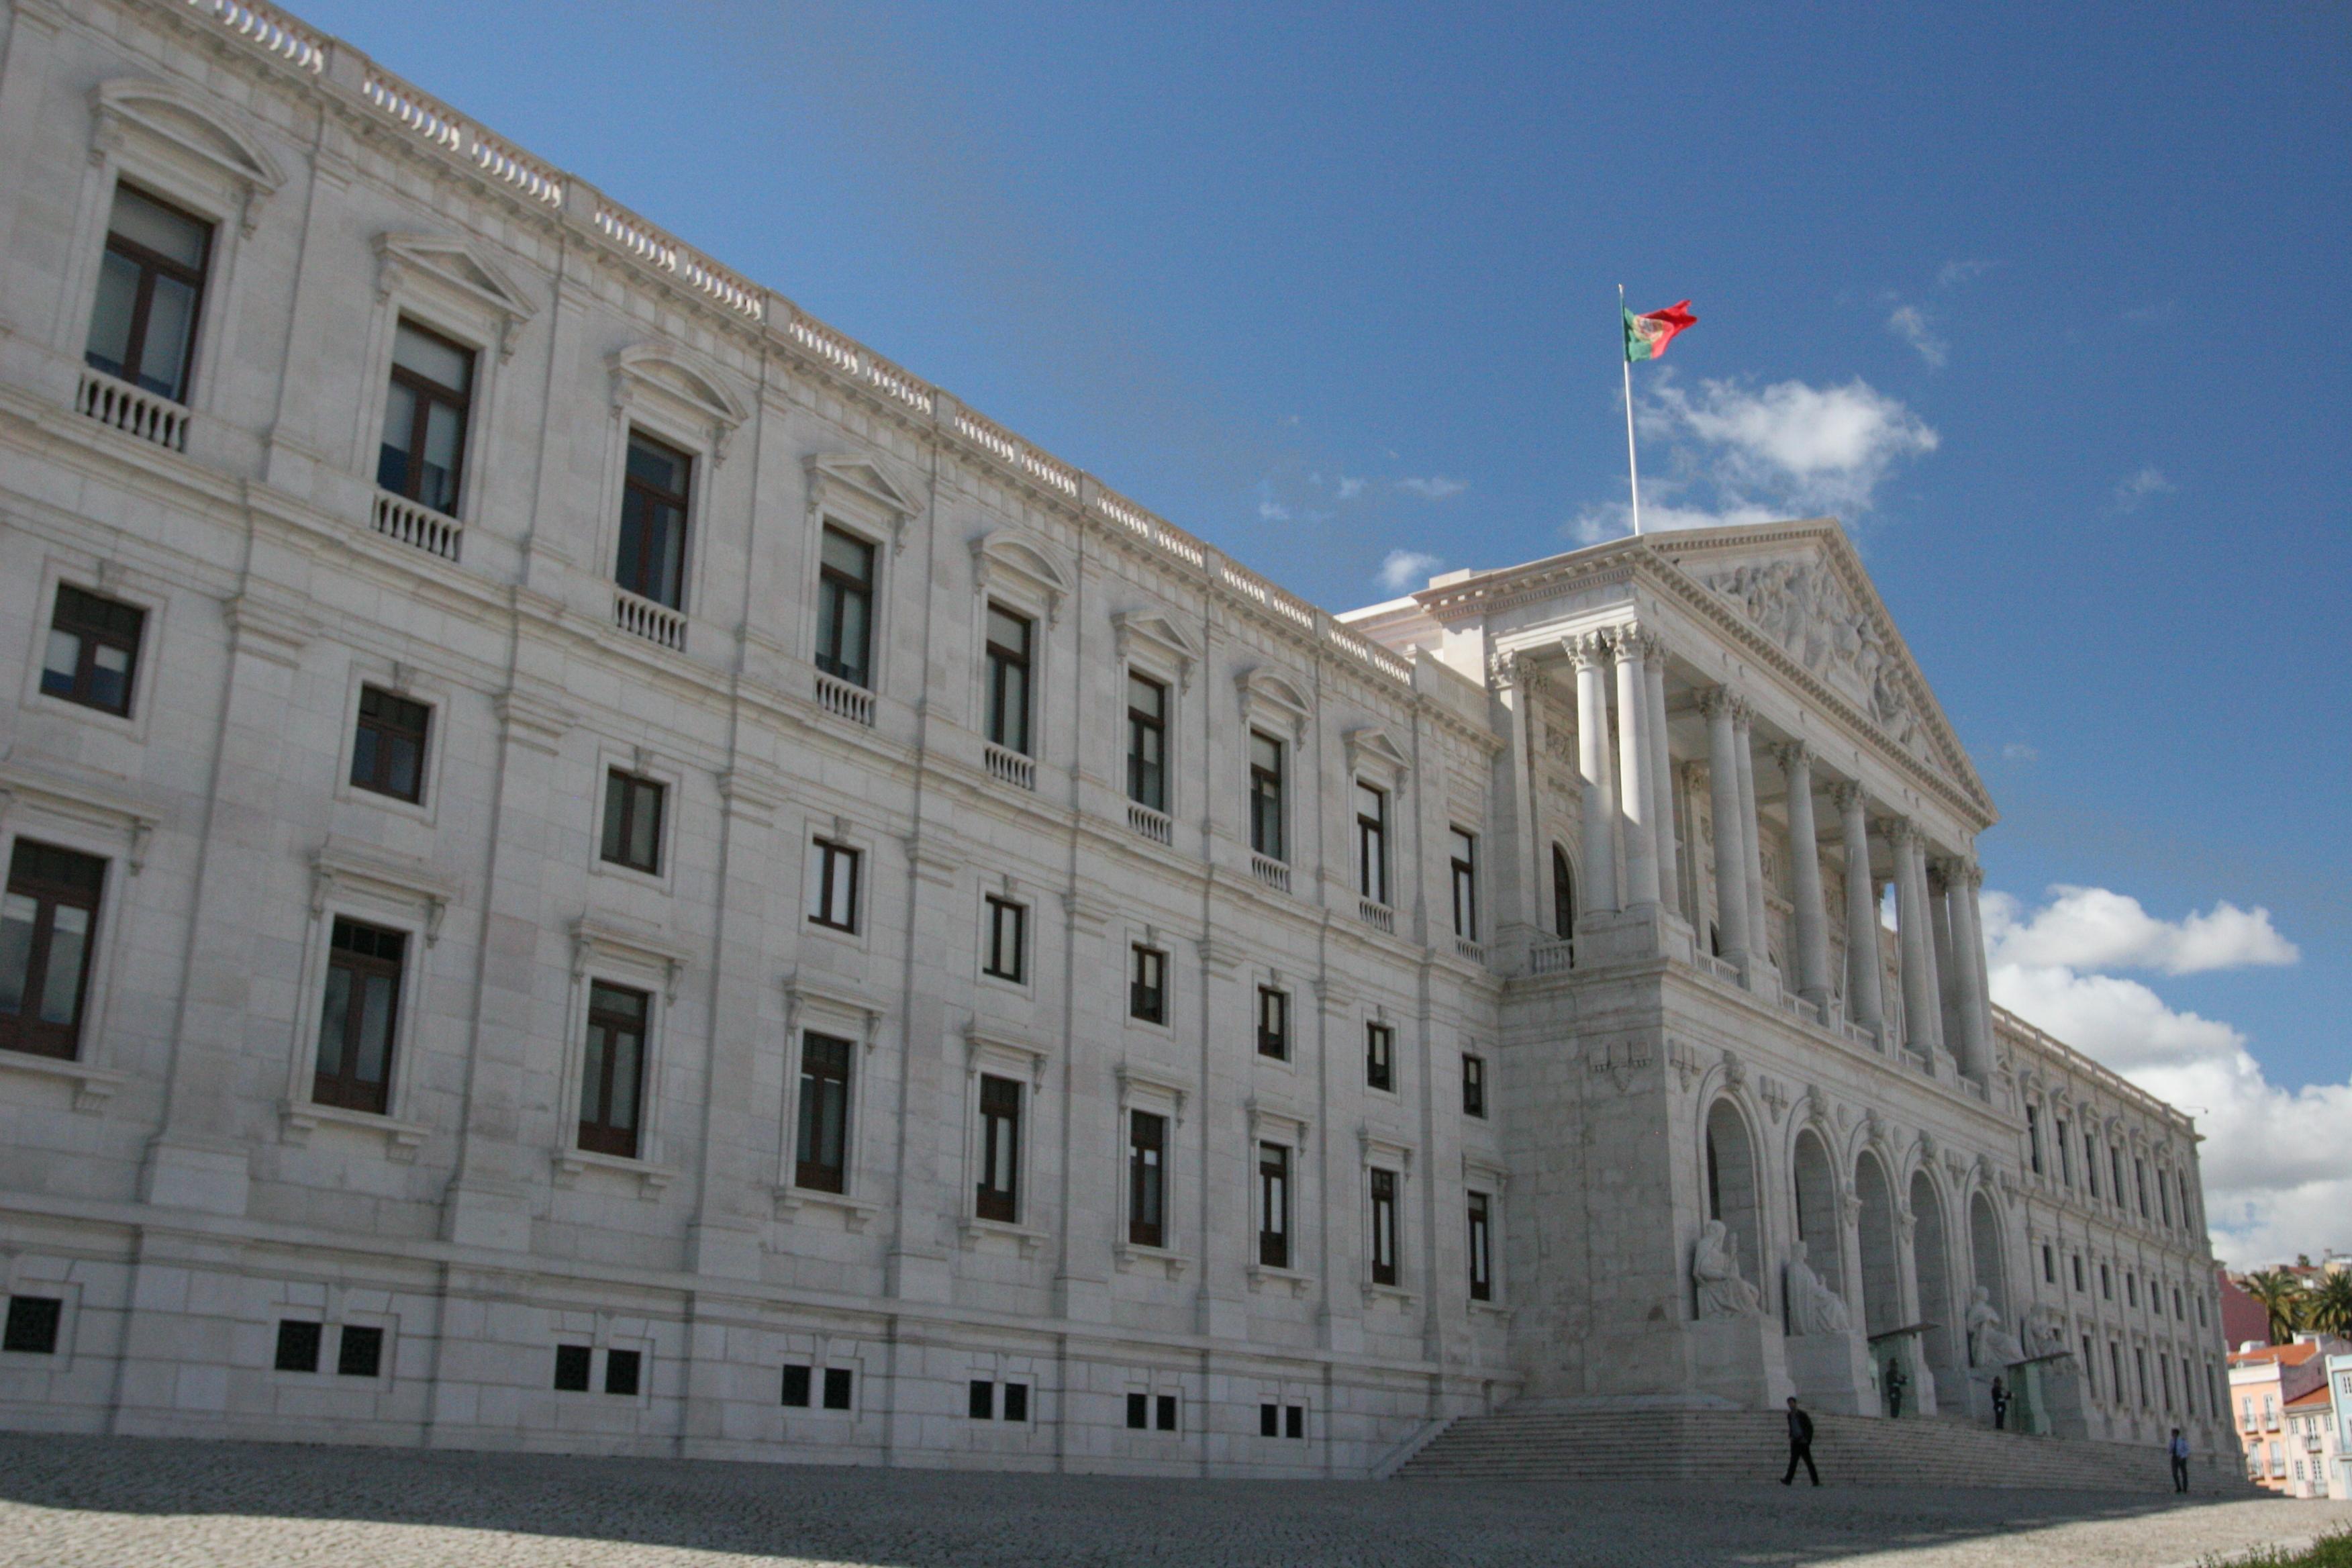 Vasco Soares da Veiga Assembleia da Republica Portuguesa 2